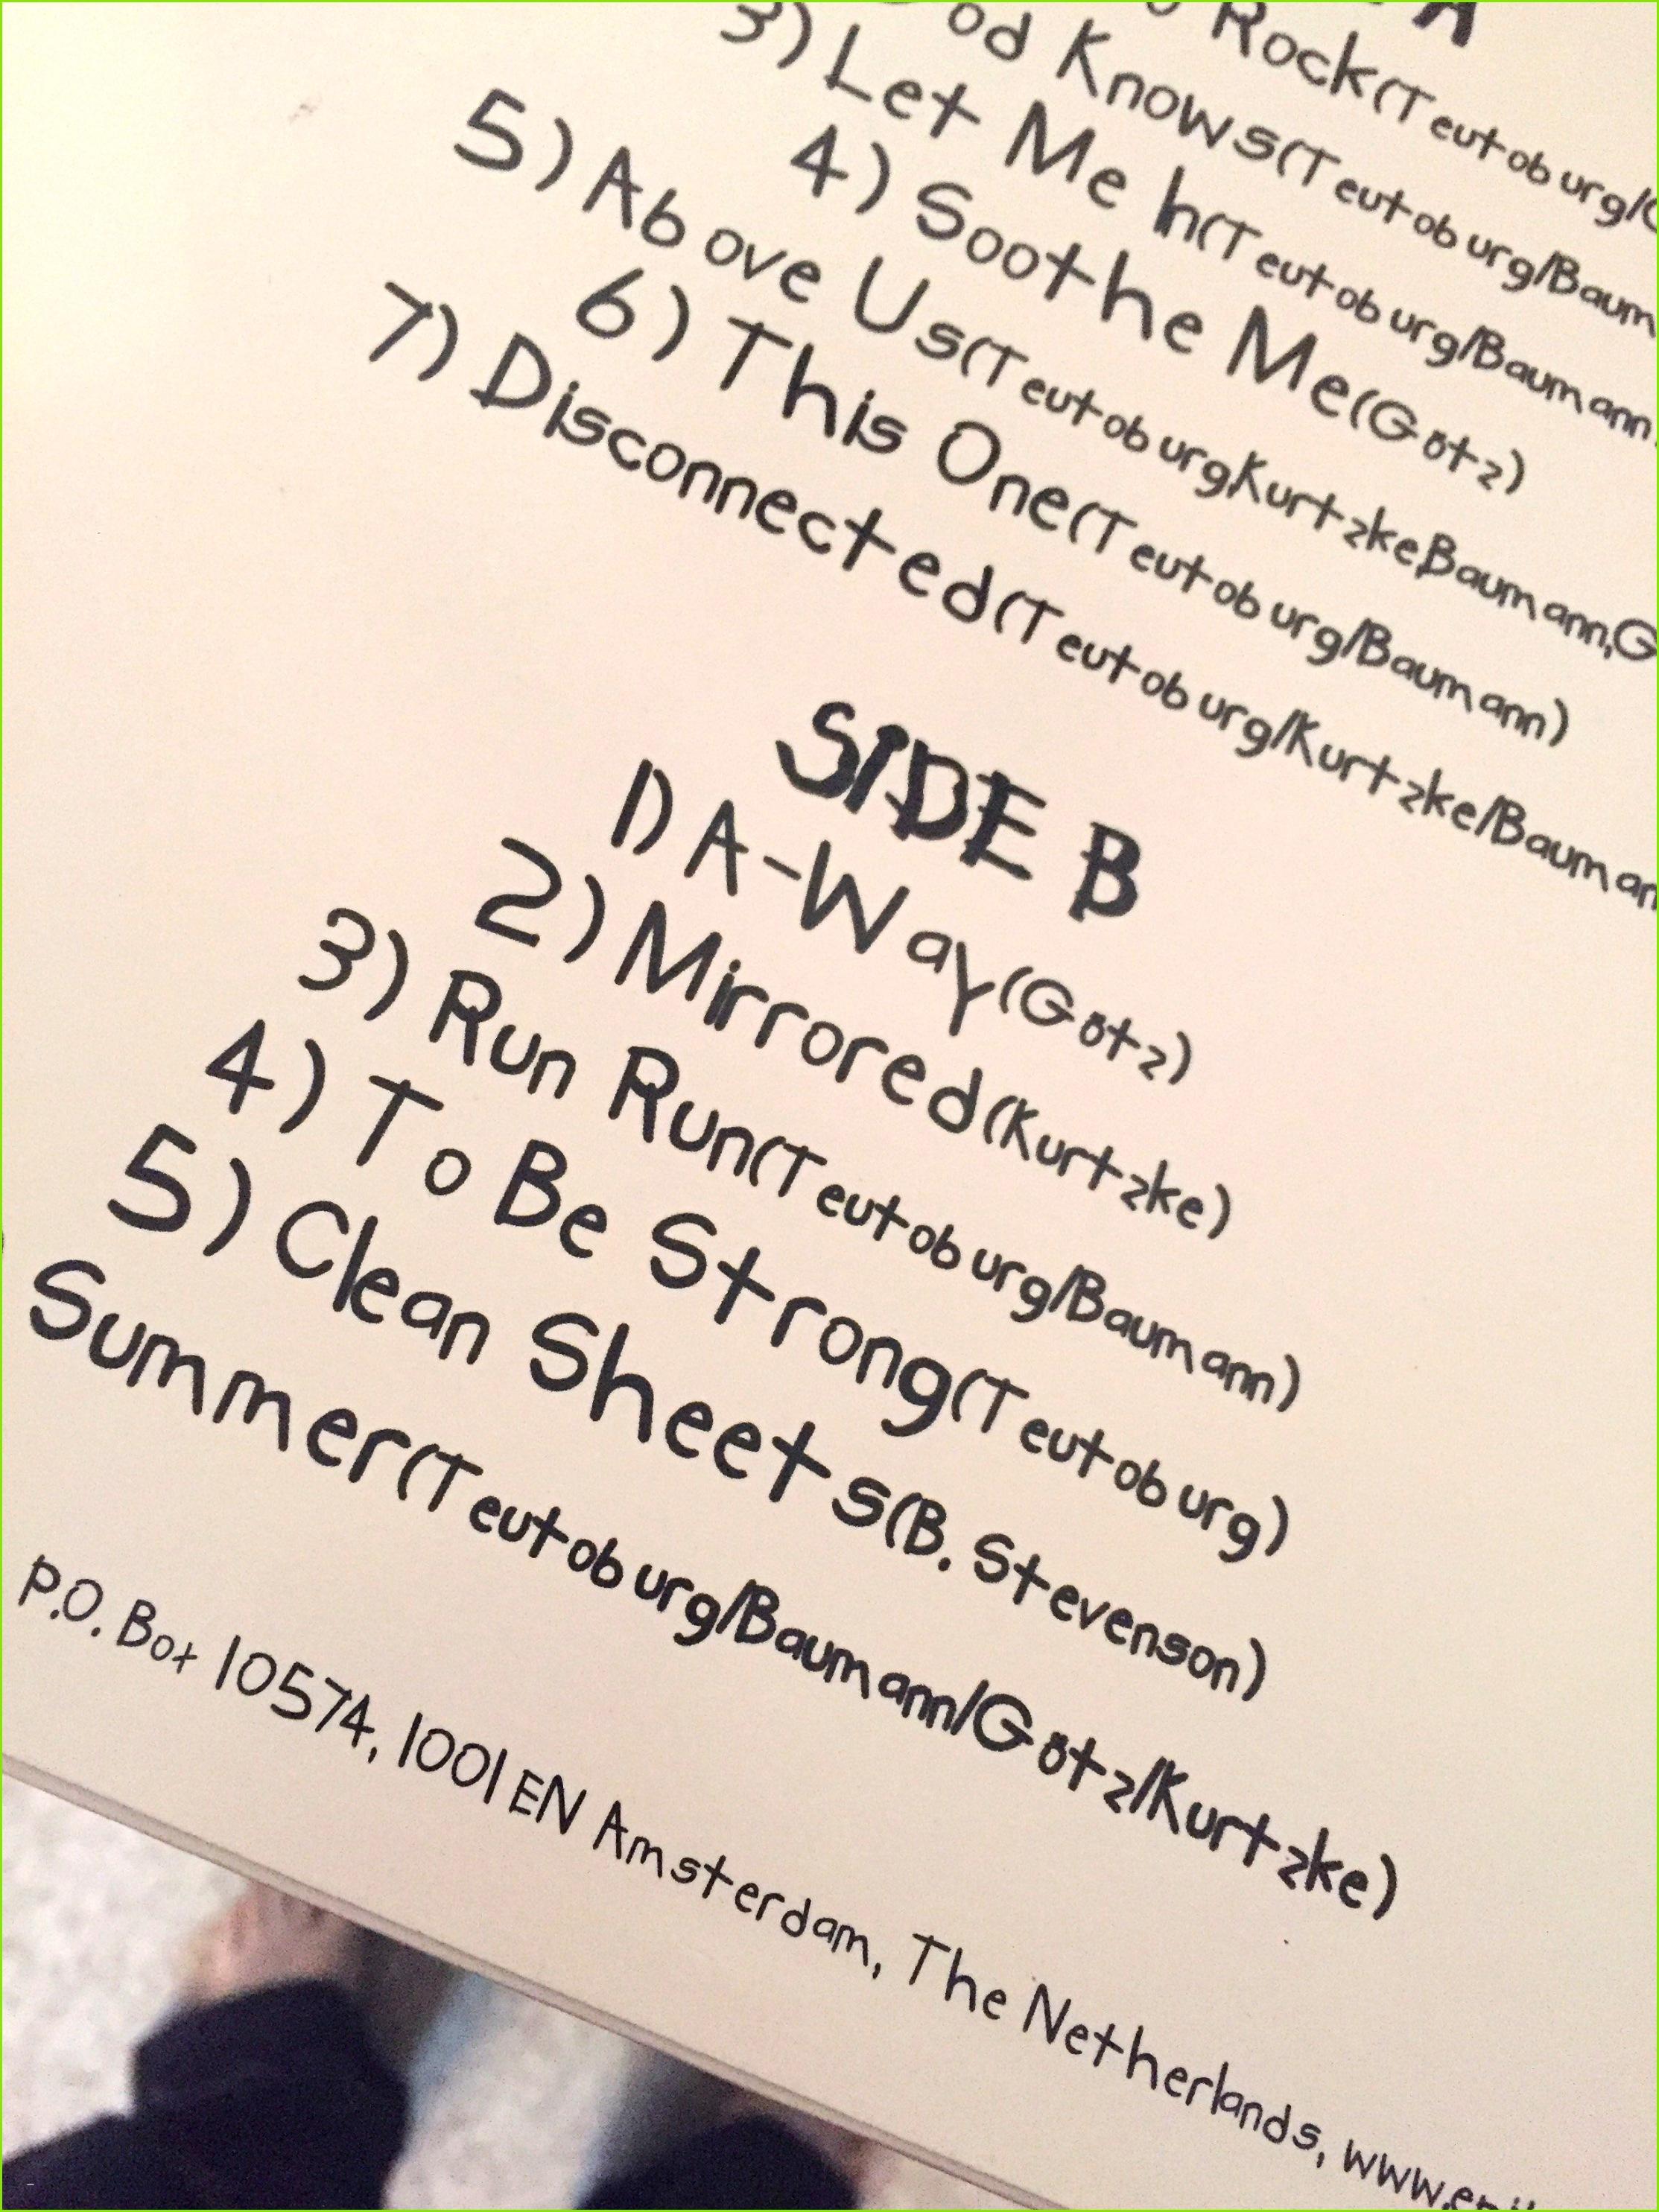 Worte Trauerkarte formulieren Frisch Vinyl – Maras Plattenschrank